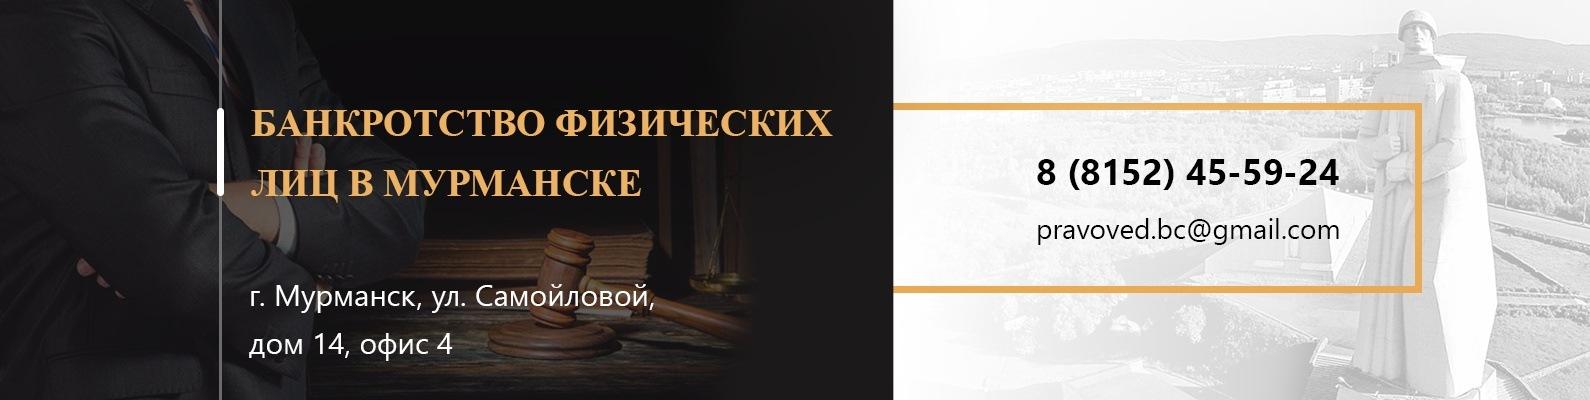 банкротство физических лиц мурманск